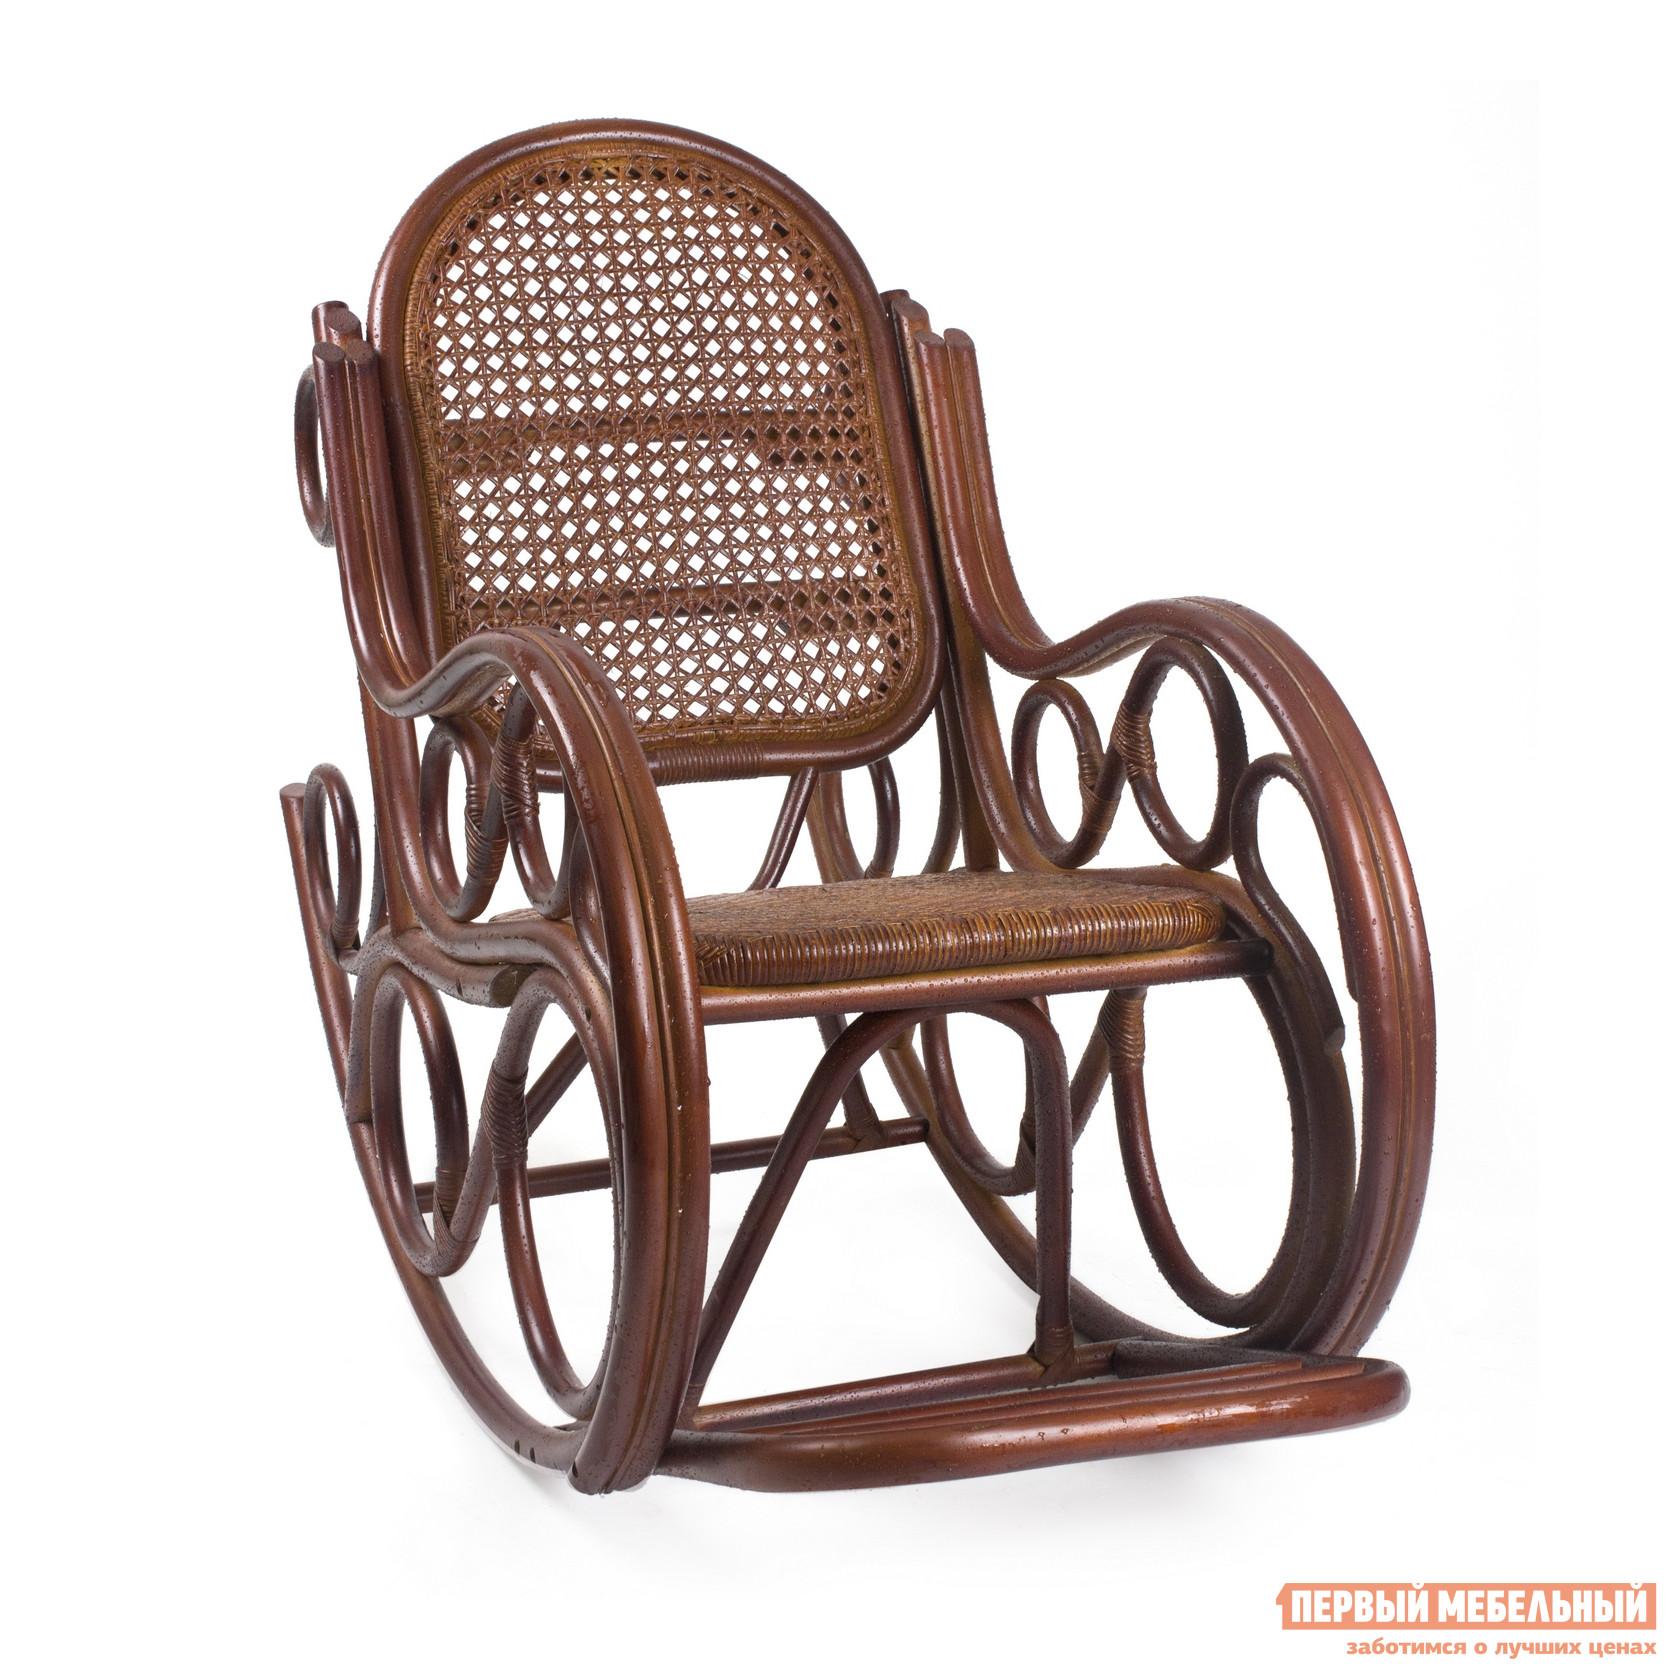 Кресло-качалка Мебель Импэкс Novo с подушкой кресло качалка мебель импэкс kara мёд с подушкой